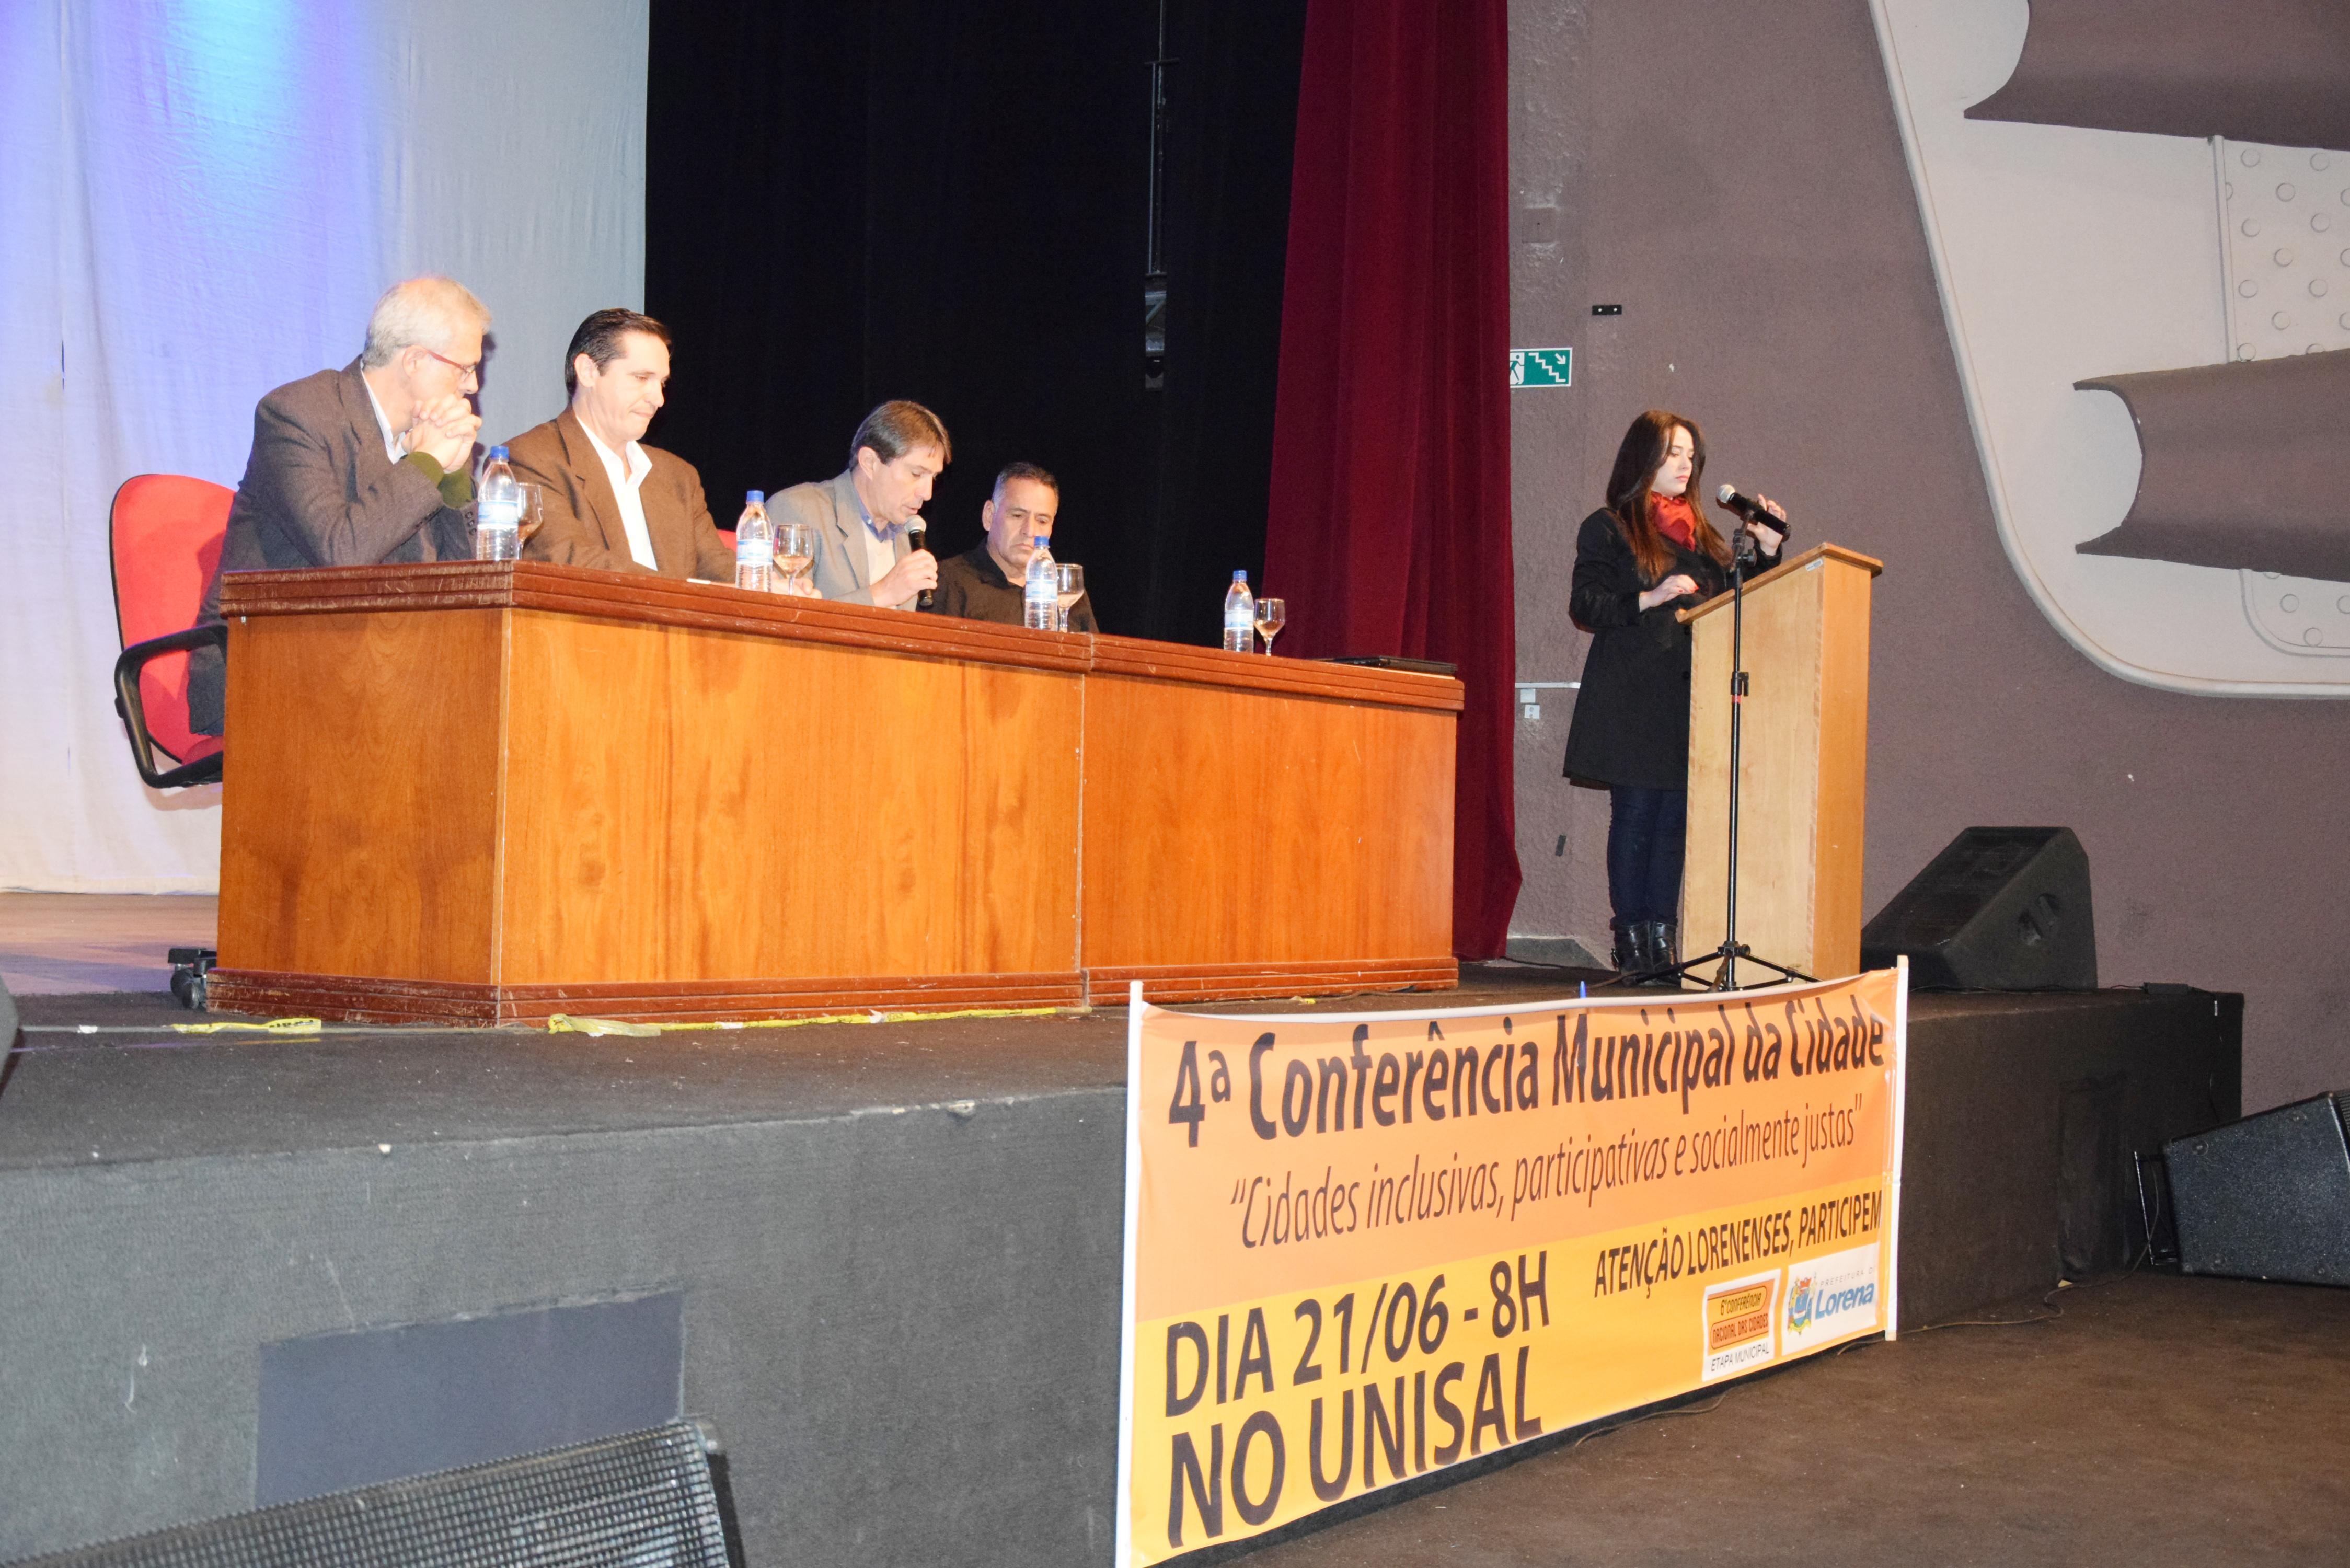 O prefeito Fábio Marcondes (centro) participou de conferência, que apresentou planos para a cidade e elegeu representantes para fase estadual (Fotos: Colaboração)